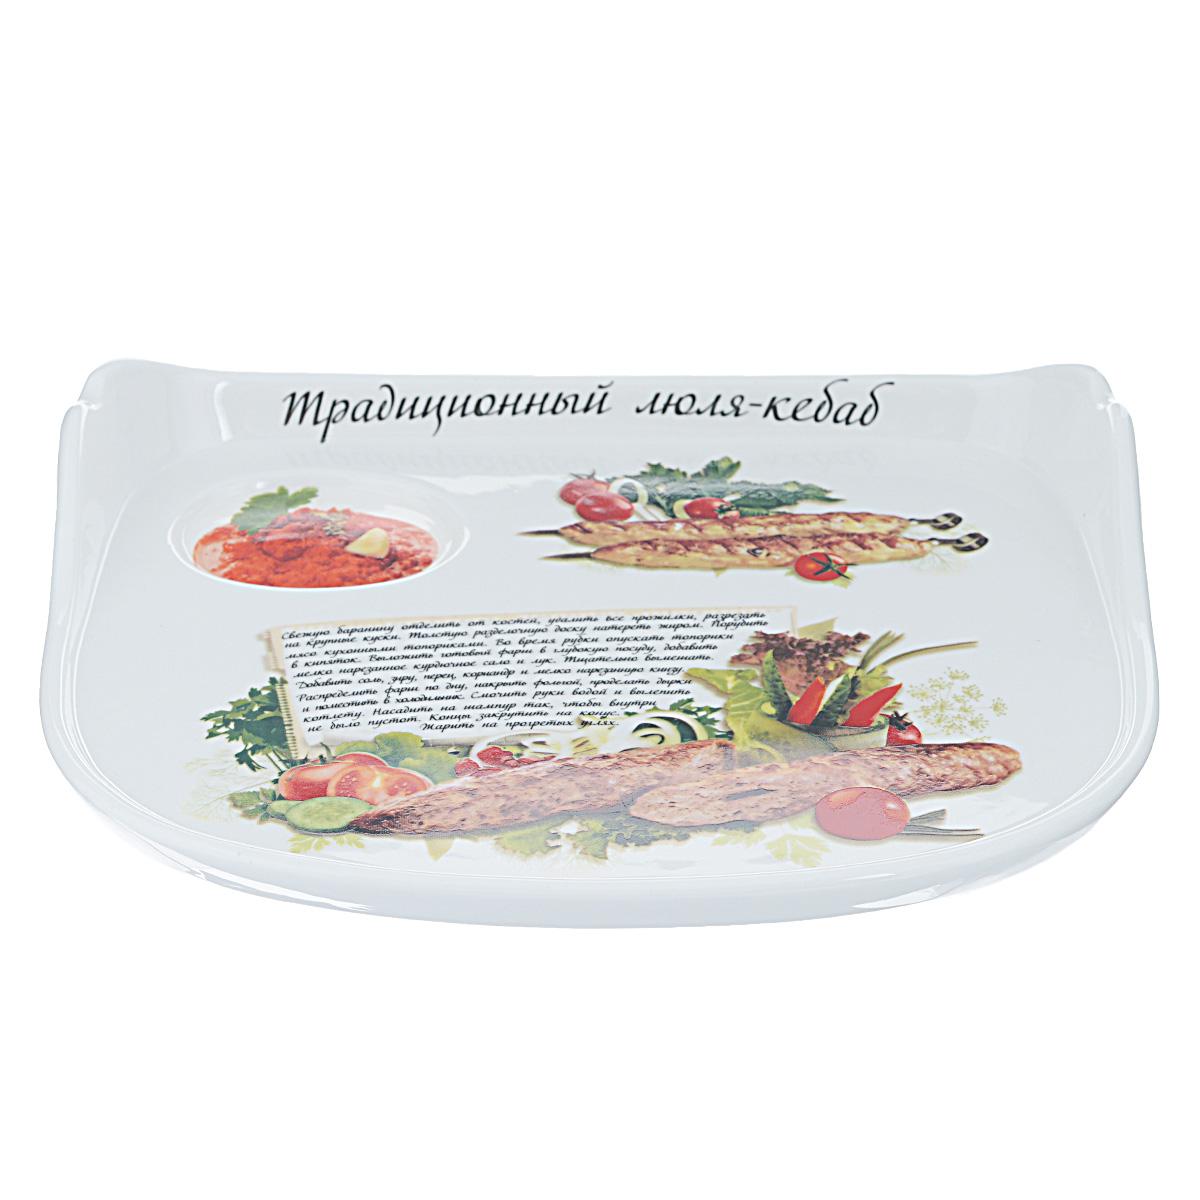 Блюдо LarangE Традиционный люля-кебаб, цвет: белый, 24,5 х 19,5 см589-316Блюдо LarangE Традиционный люля-кебаб, выполненное из высококачественной керамики, предназначено для красивой сервировки шашлыка. Блюдо оснащено удобными ручками и специальным отверстием под соус. Блюдо декорировано надписью Традиционный люля-кебаб и его изображением. Кроме того, для упрощения процесса приготовления прямо на блюде написан рецепт и нарисованы необходимые продукты. Блюдо LarangE Традиционный люля-кебаб украсит ваш праздничный стол, а оригинальное исполнение понравится любой хозяйке. Размер блюда: 24,5 см х 19,5 см х 1 см.